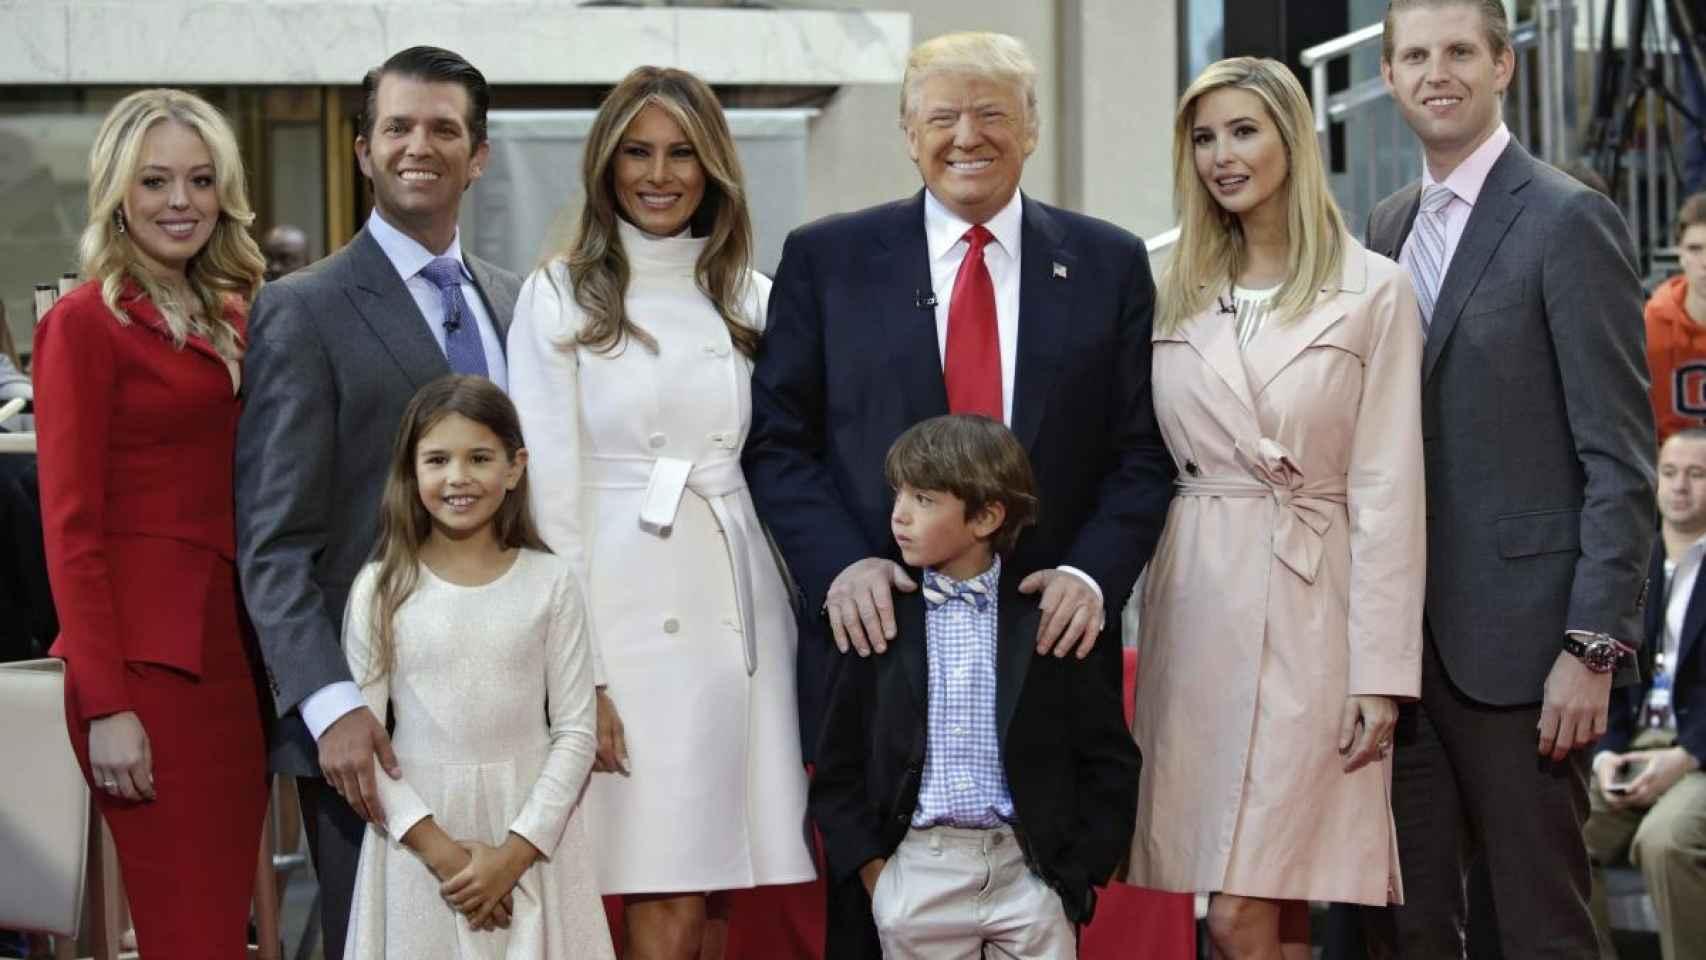 Donald Trump es el más querido para sus nietos.